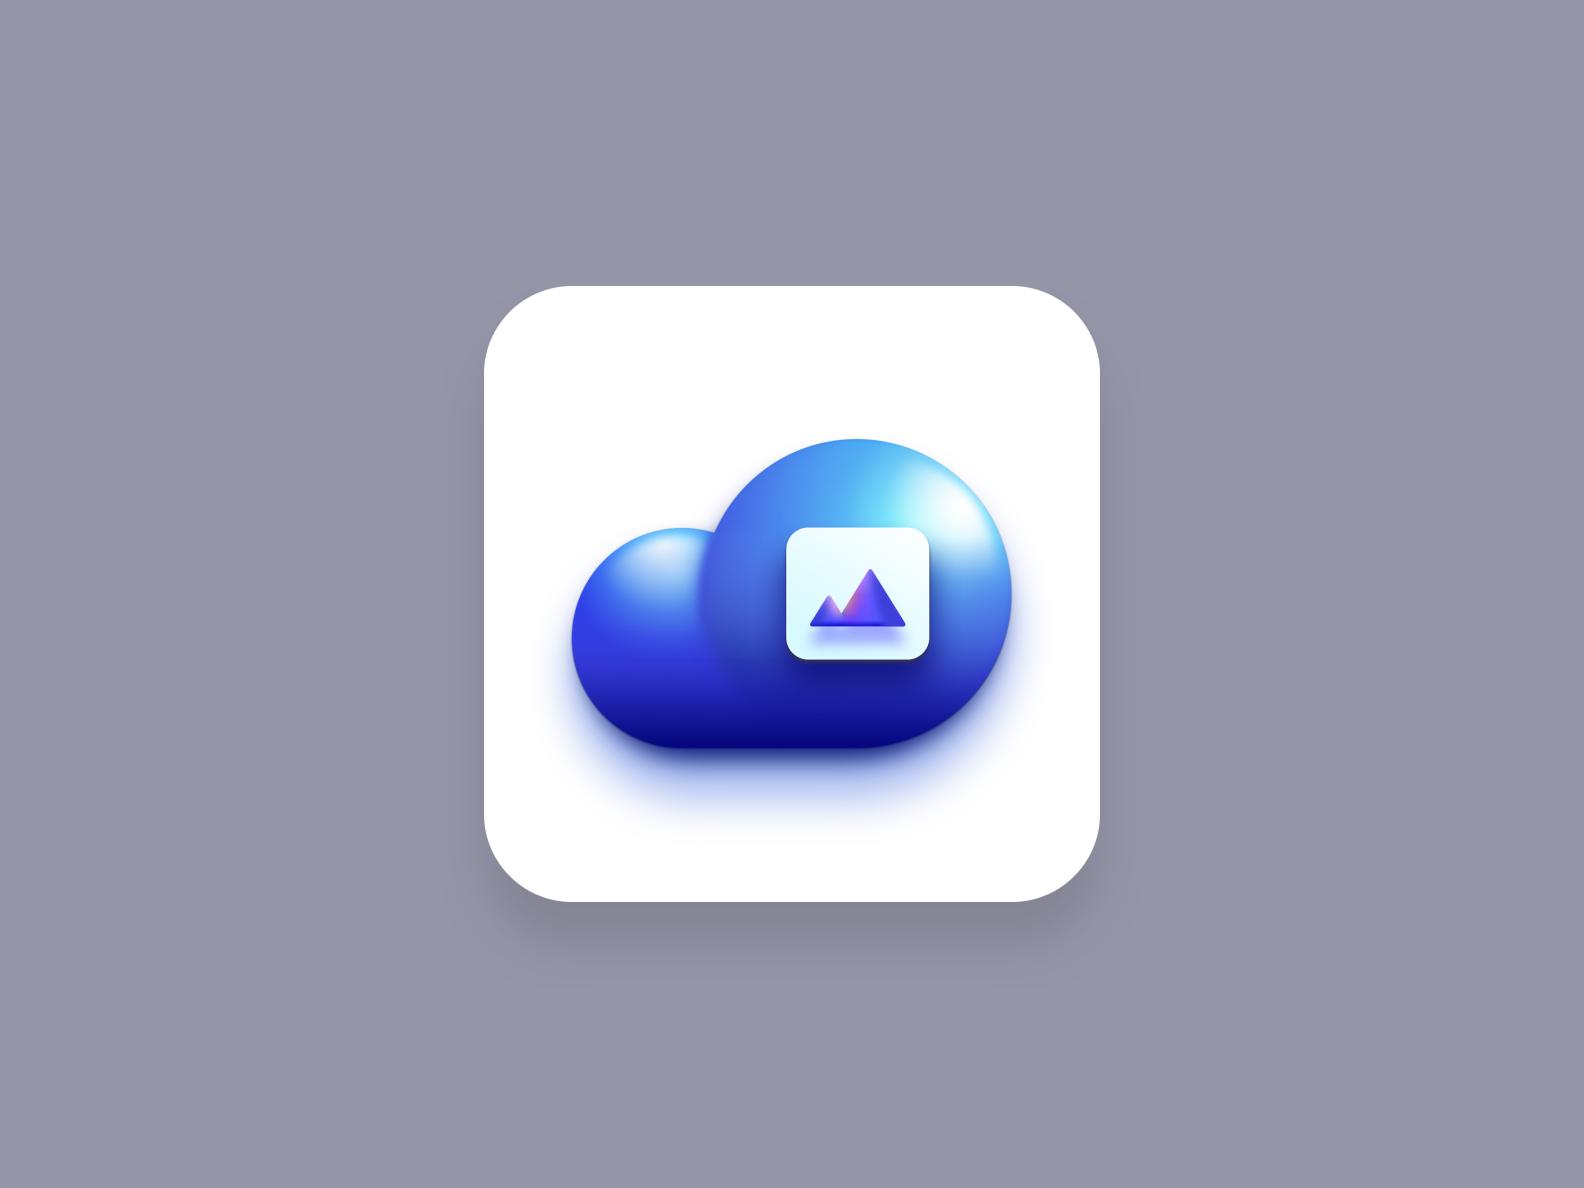 Media Cloud icon (Big Sur style)